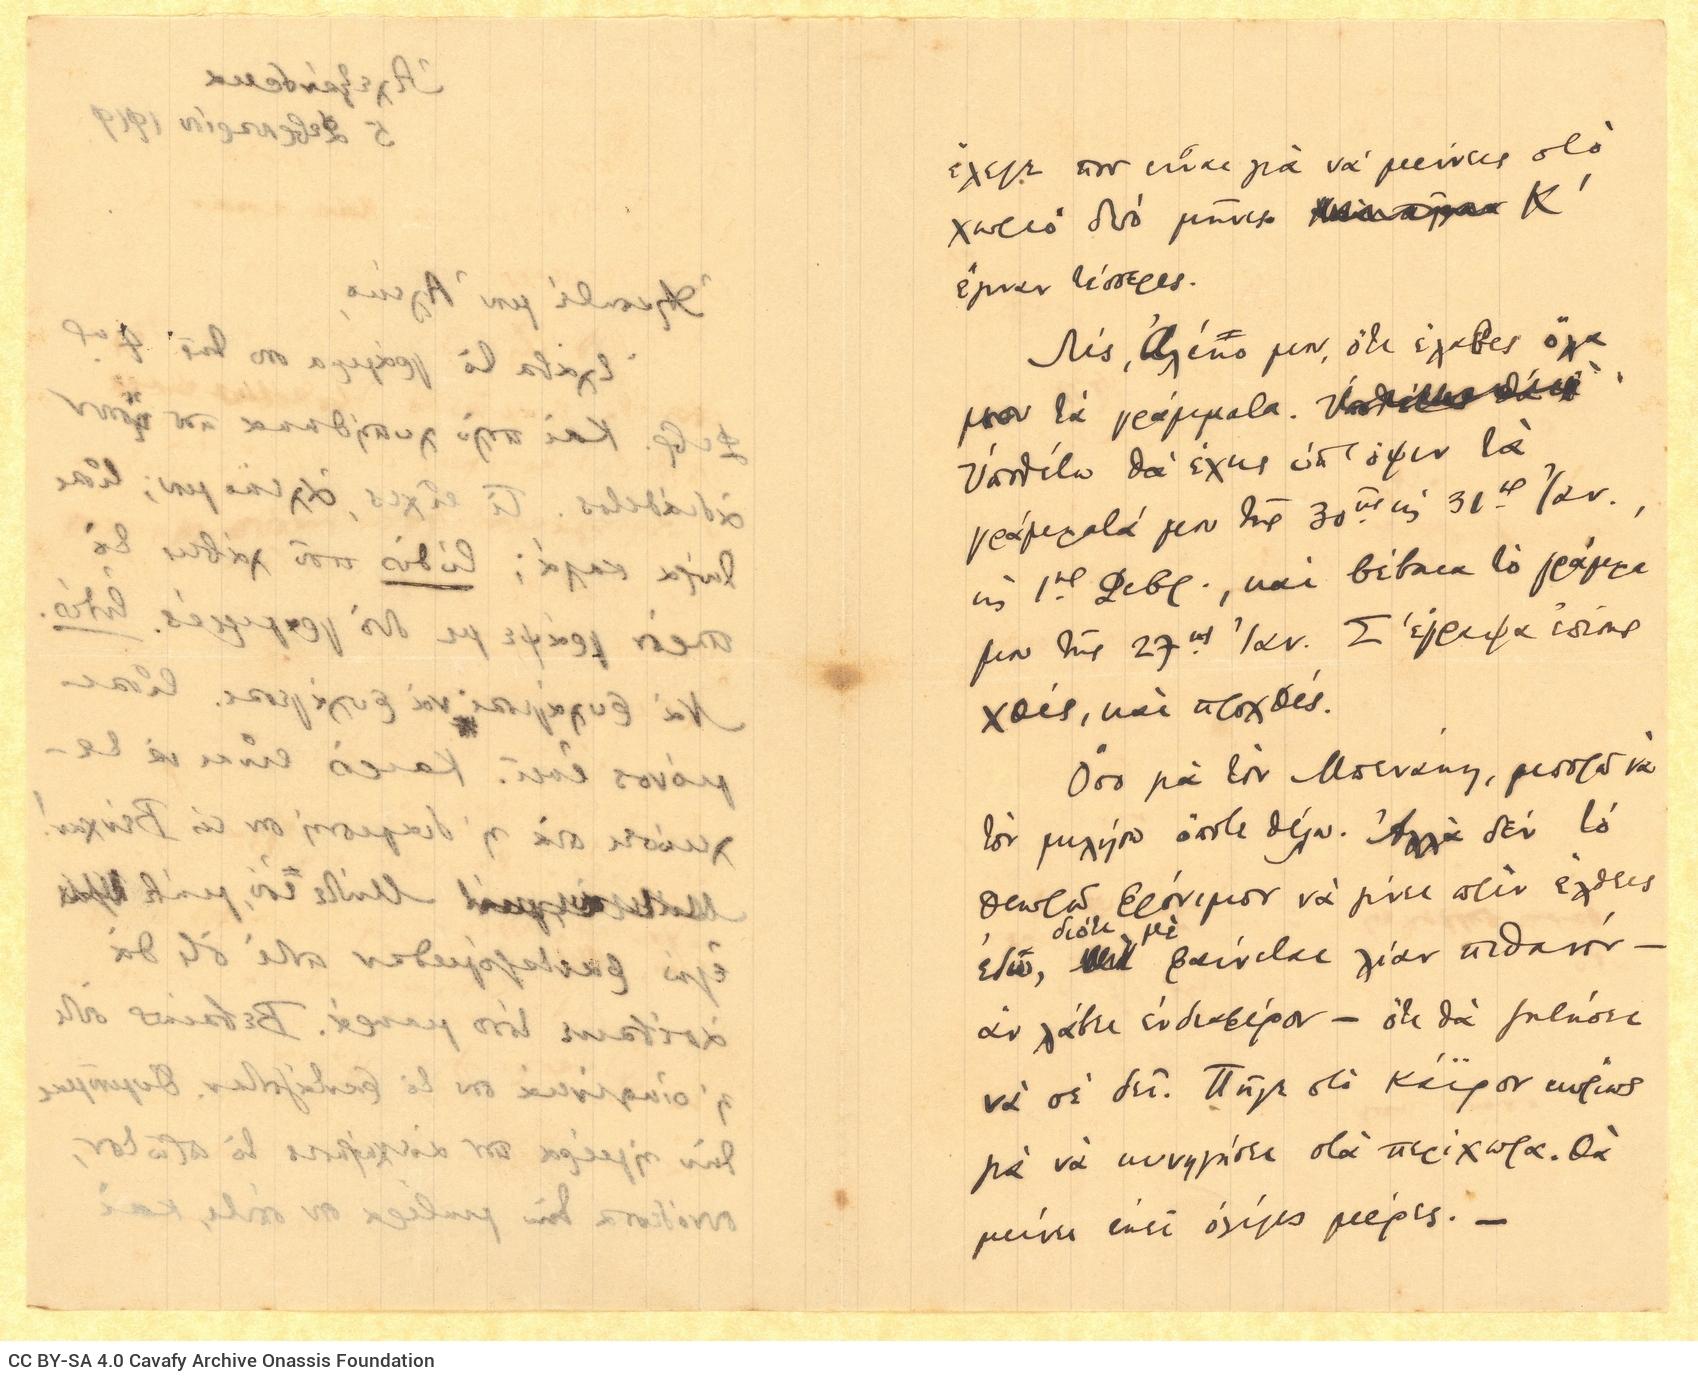 Χειρόγραφη επιστολή του Καβάφη προς τον Αλέκο [Σεγκόπουλο] στην πρ�